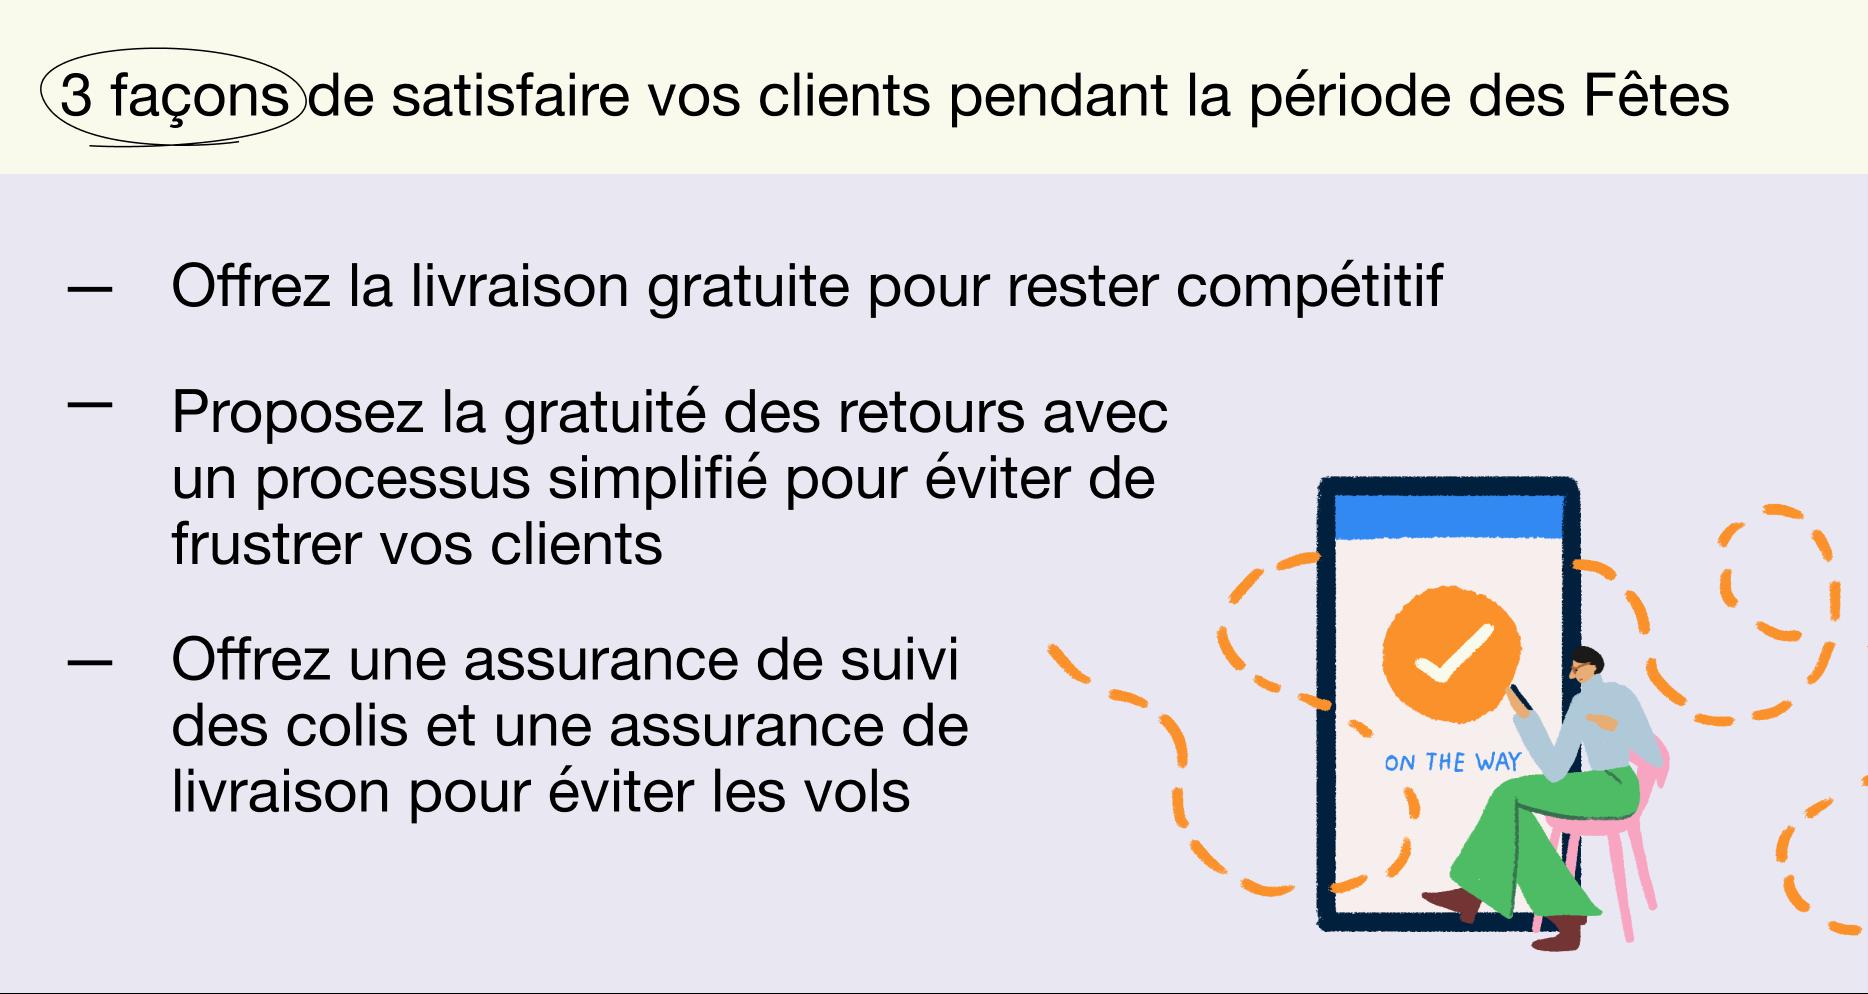 FR - Holiday report 2021 - 3 façons de satisfaire vos clients pendant la période des Fêtes